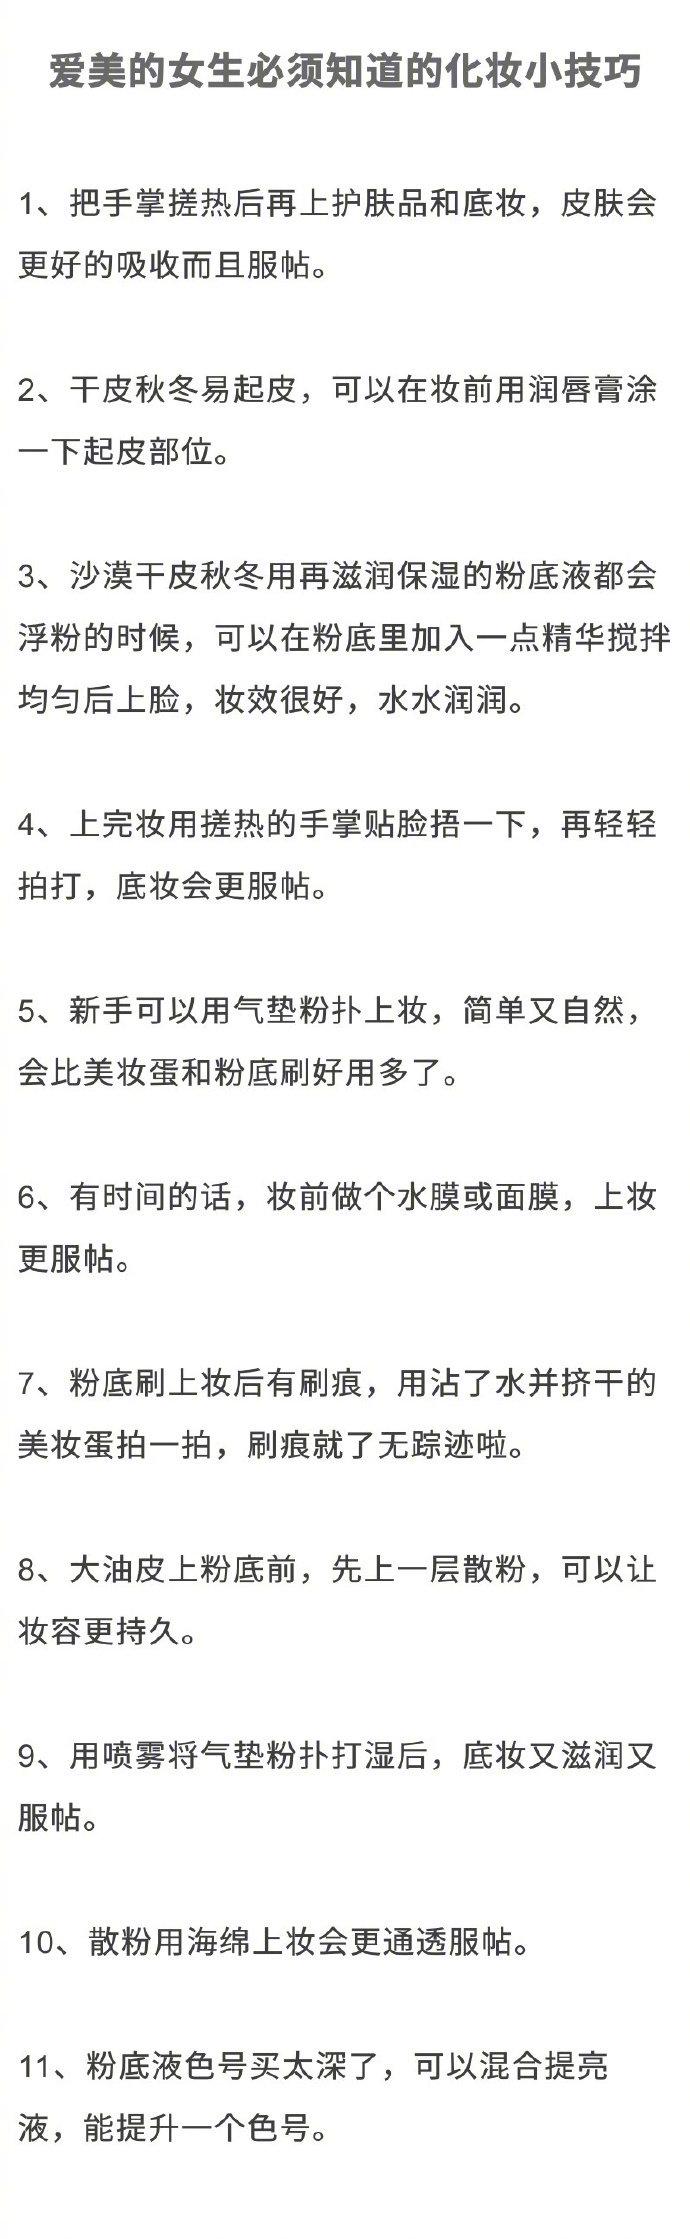 """台湾修改法令:火场""""无人命危害之虞""""不执行危险性救灾行动"""